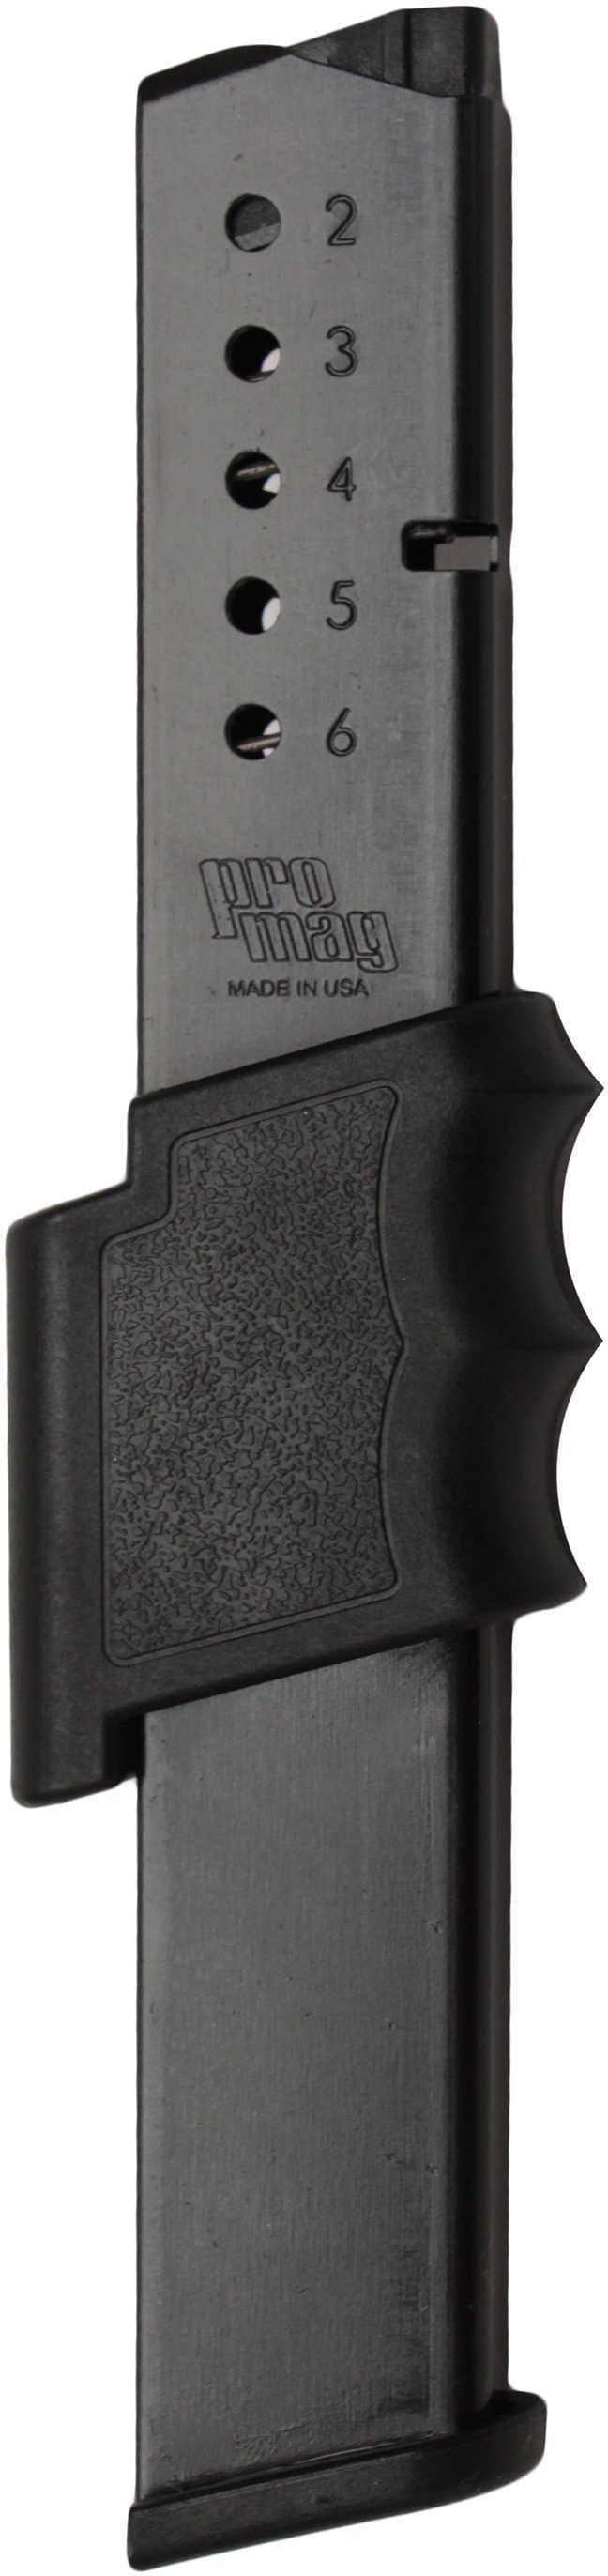 Smith & Wesson Bodyguard .380 ACP Magazine 15 Round, Blued Md: SMI-A7